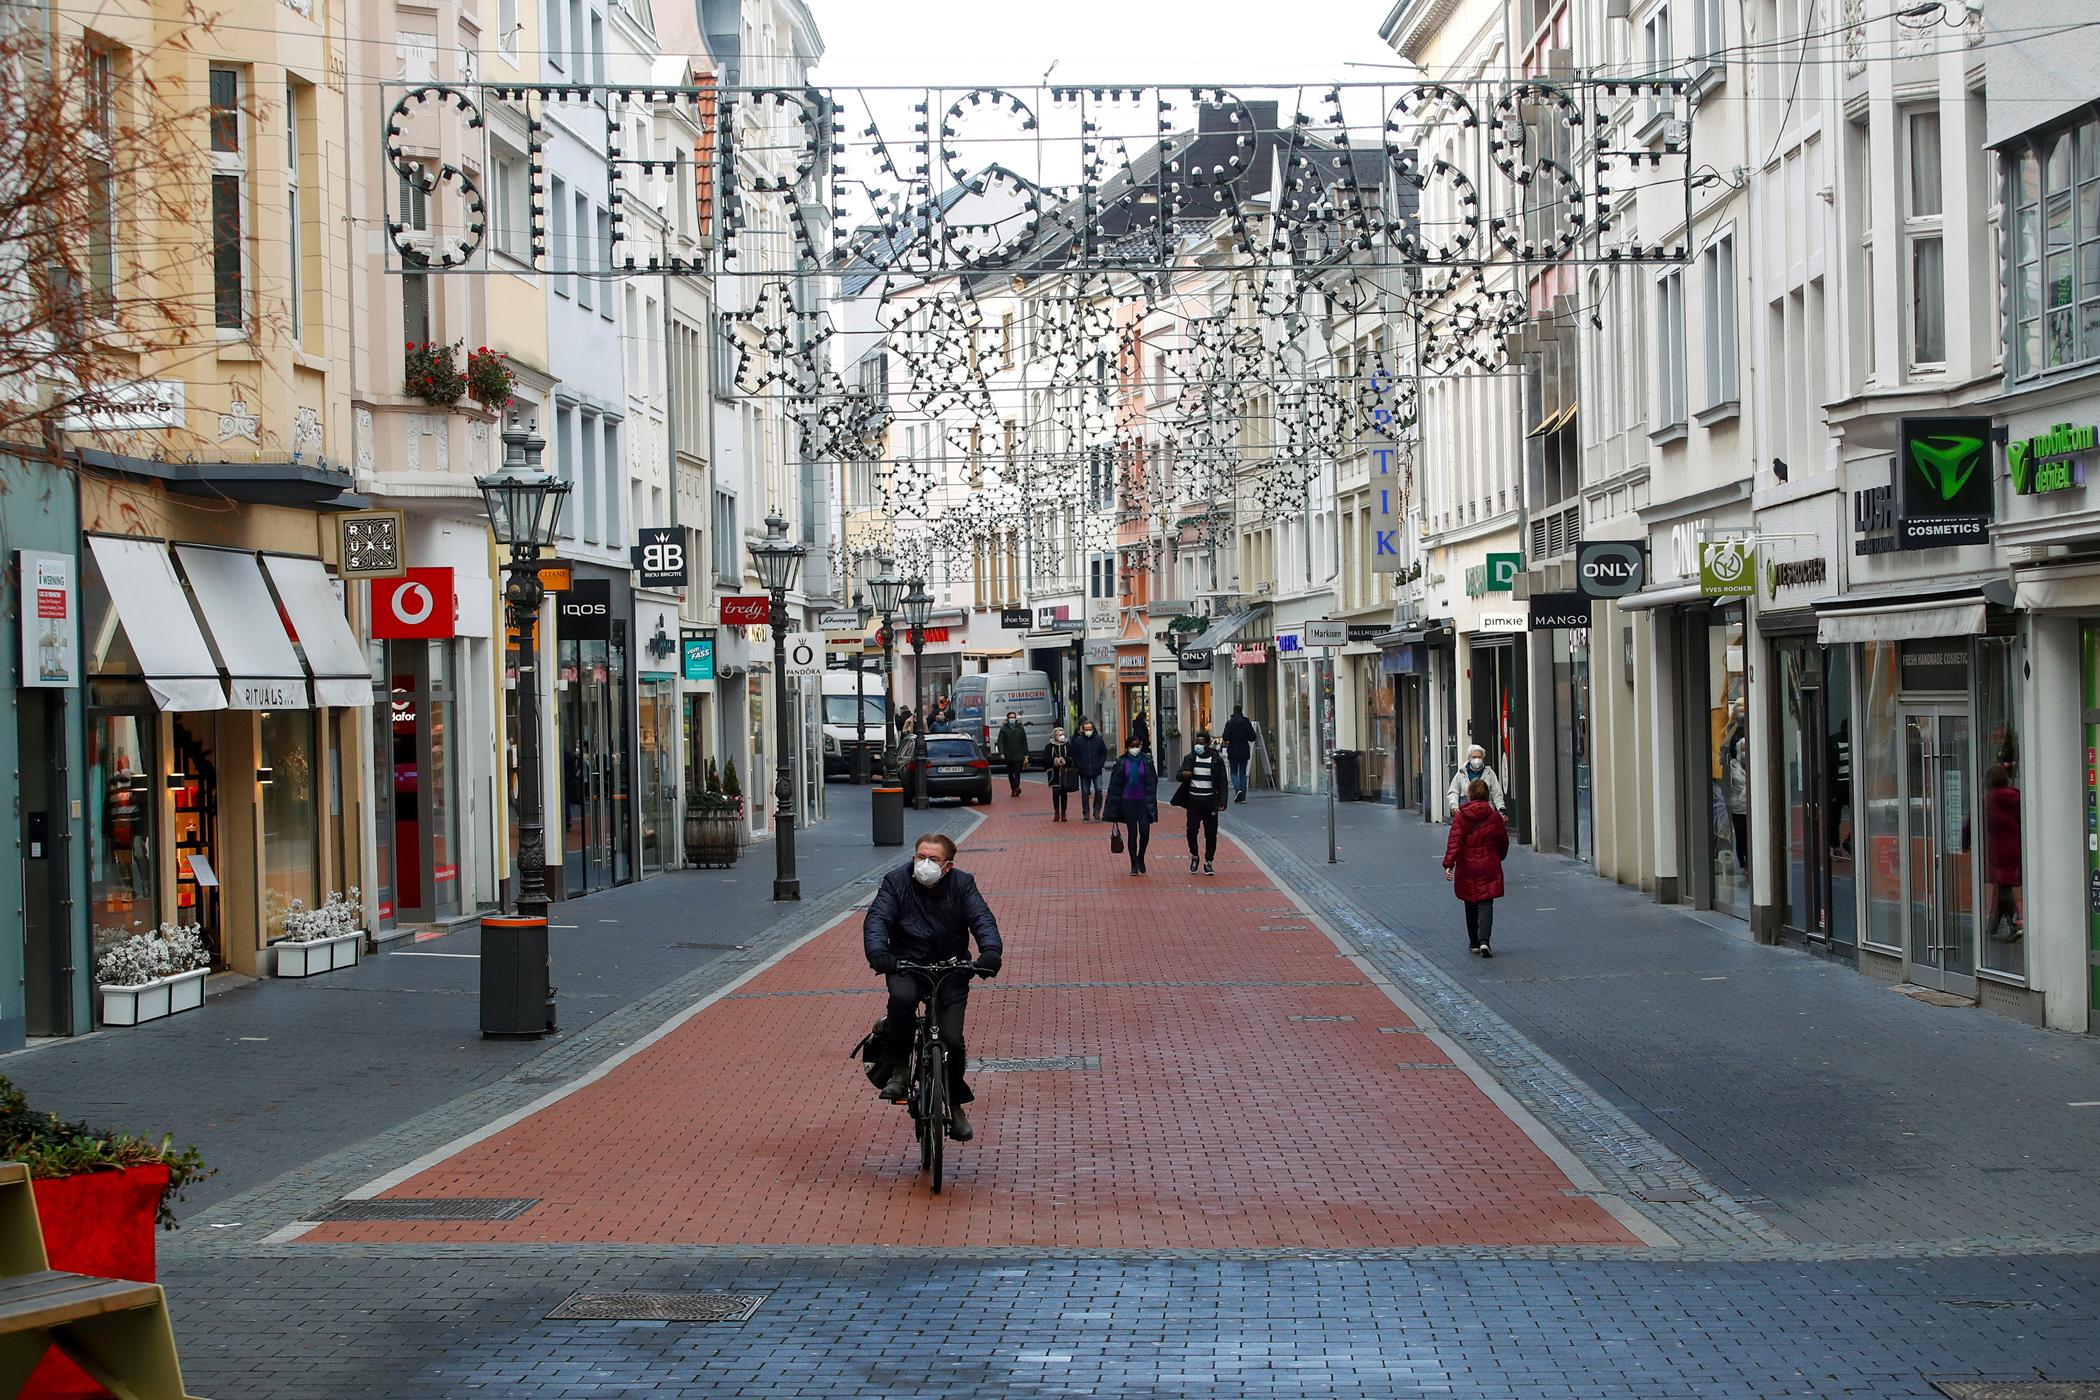 Κορονοϊός – Γερμανία: Επιφυλάξεις για τις πασχαλινές διακοπές, αισιοδοξία για το τέλος Μαΐου